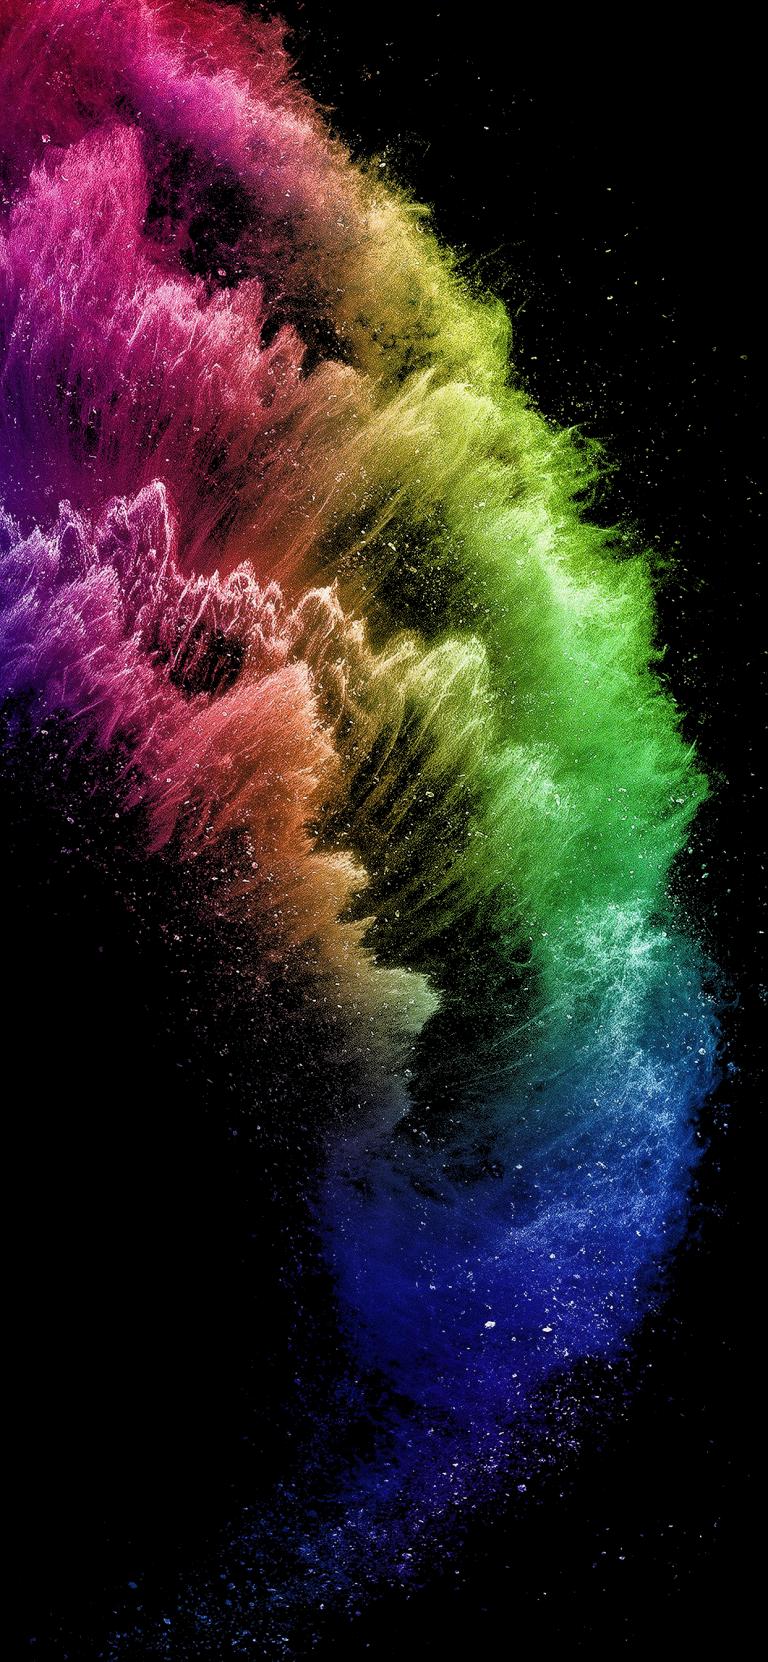 Pin By Ristea Razvan On 3d Rainbow Wallpaper Iphone Iphone Homescreen Wallpaper Black Wallpaper Iphone